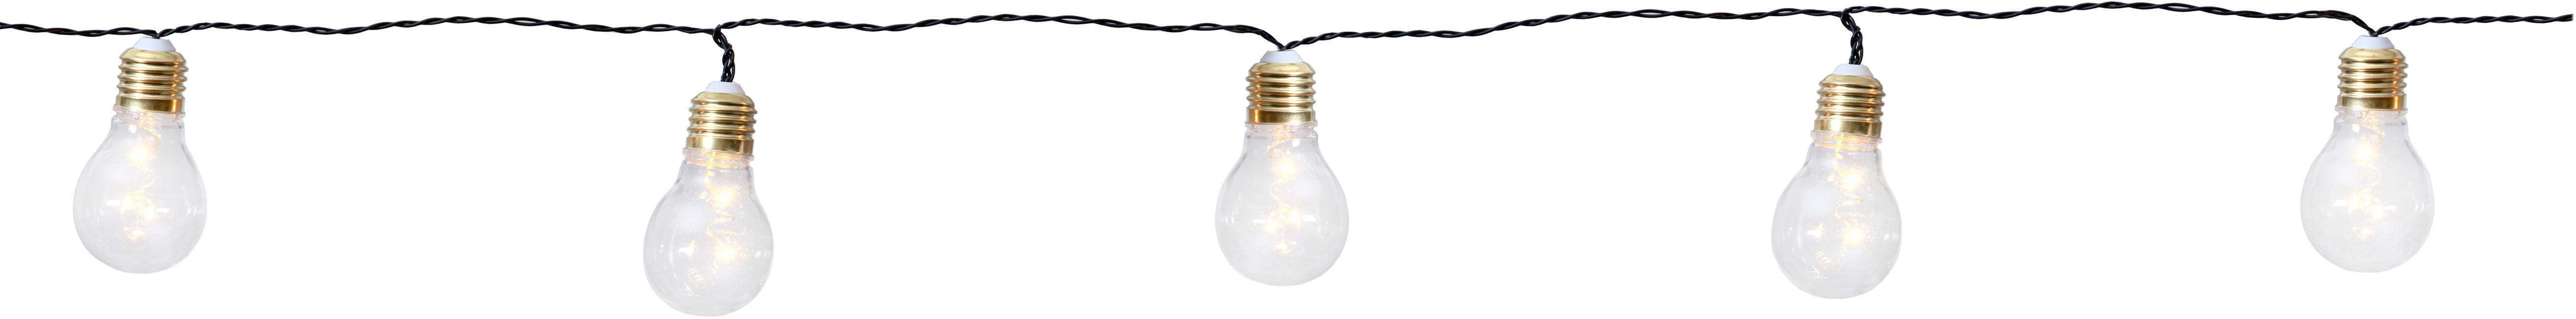 Guirnalda de luces LED Bulb, 100cm, Cable: plástico, Dorado, negro, L 100 cm